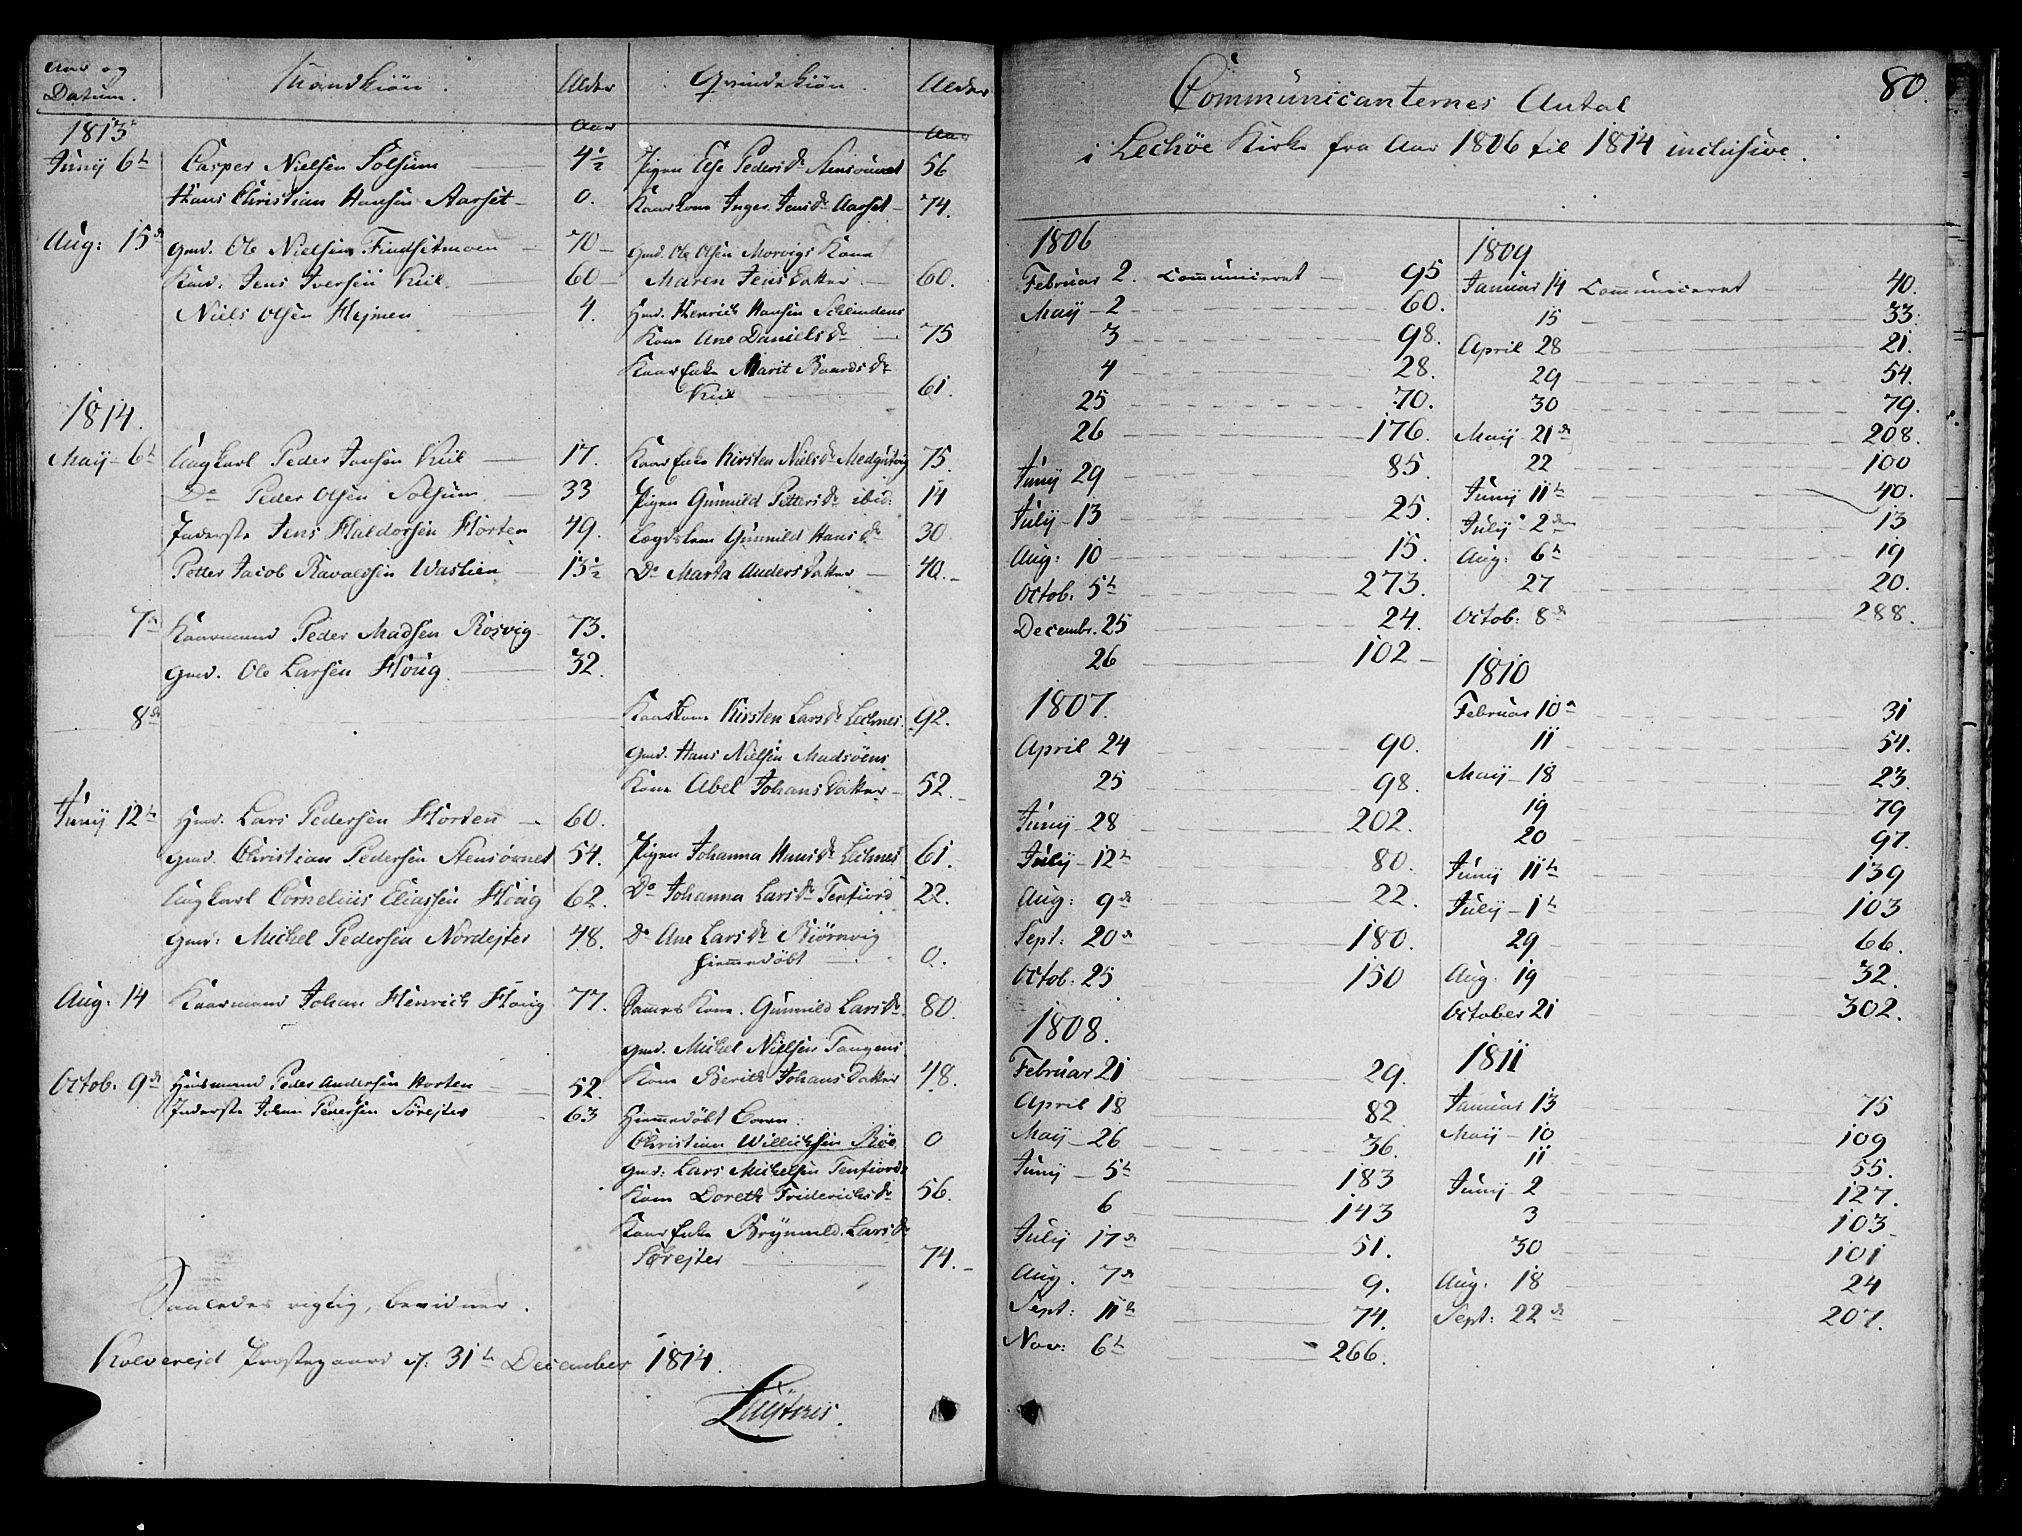 SAT, Ministerialprotokoller, klokkerbøker og fødselsregistre - Nord-Trøndelag, 780/L0633: Ministerialbok nr. 780A02 /2, 1806-1814, s. 80